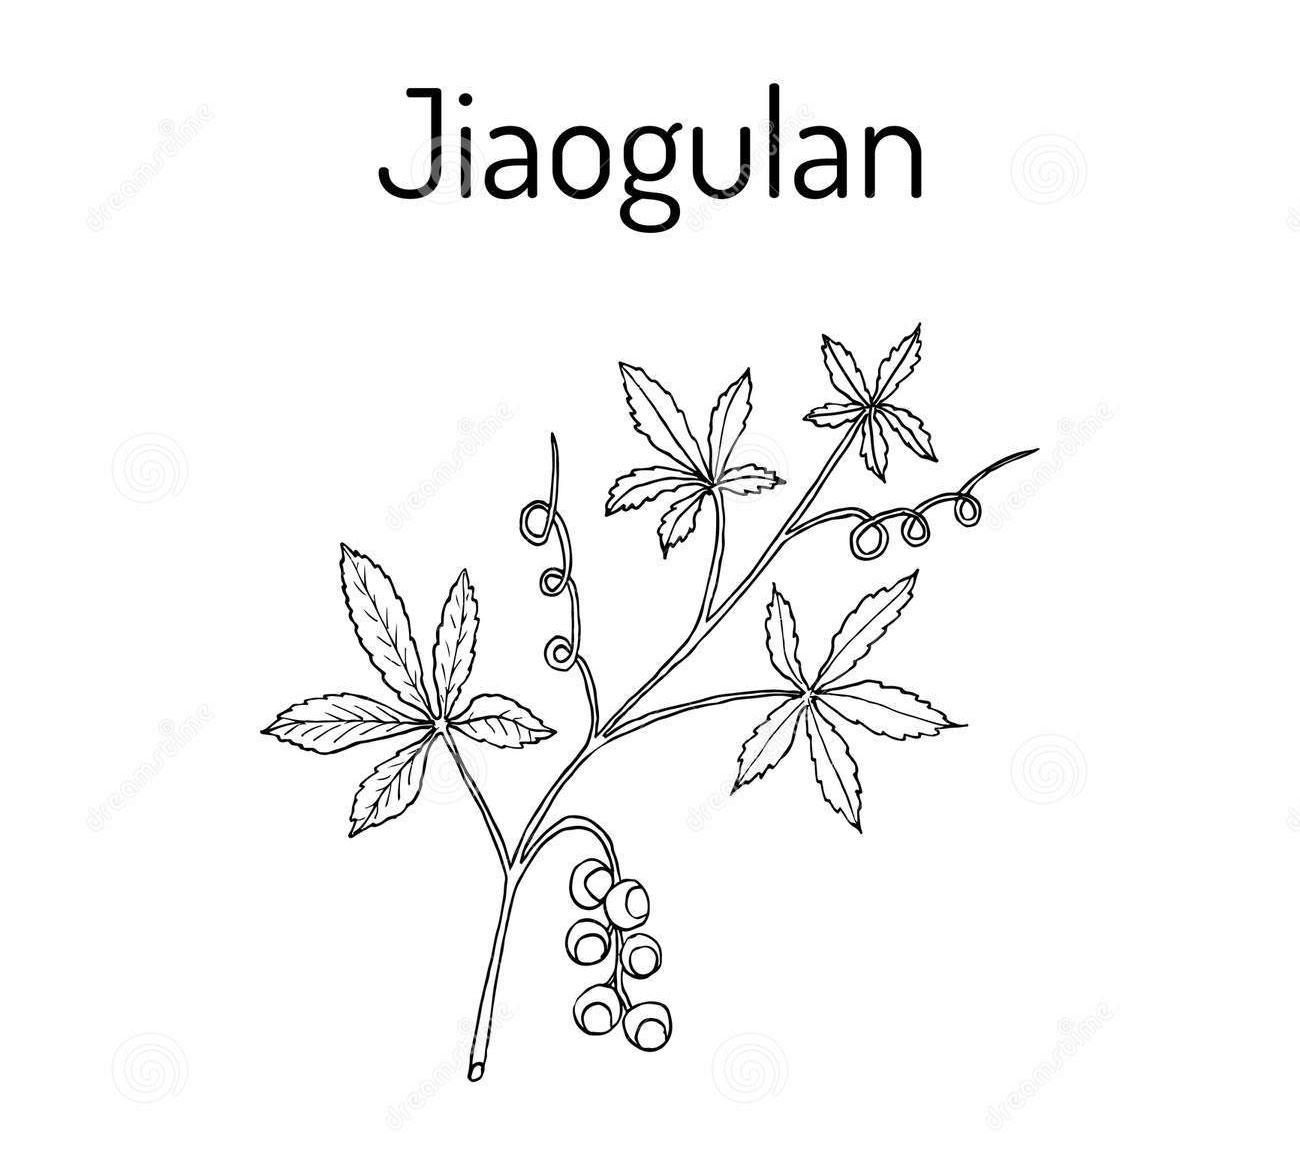 Sketch-of-Jiaogulan